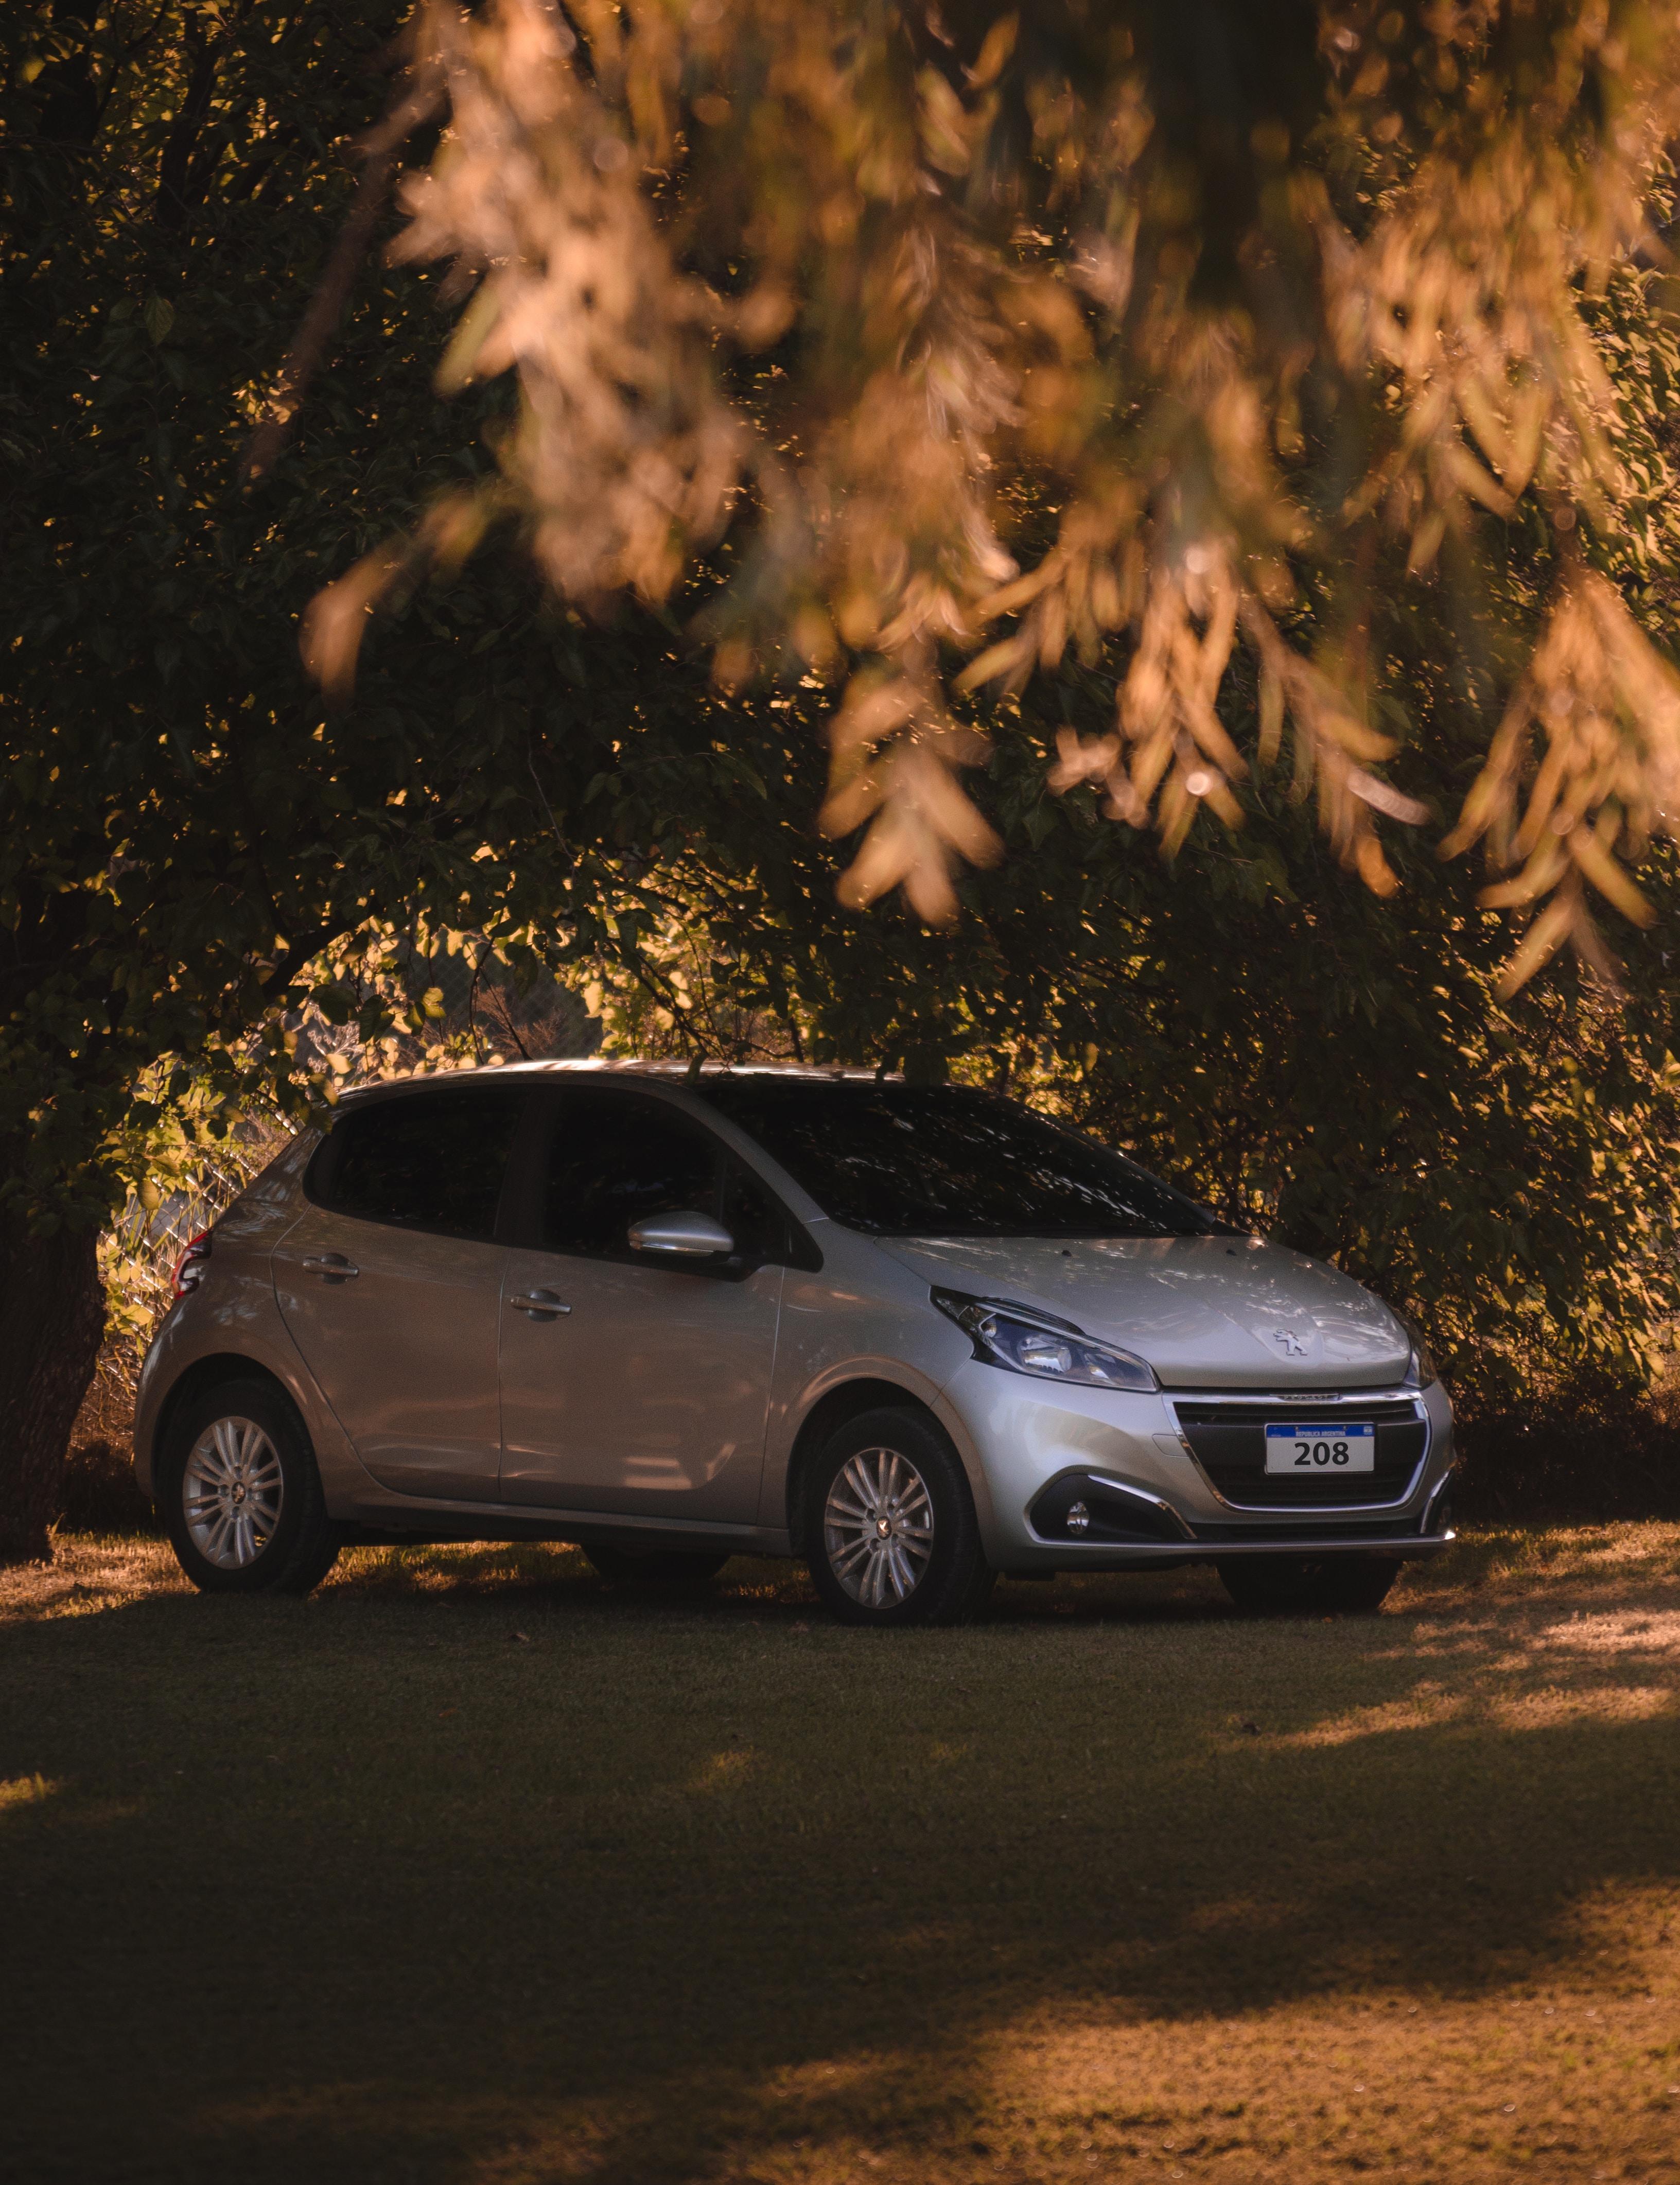 114169 скачать обои Пежо (Peugeot), Тачки (Cars), Машина, Серый, Серебристый - заставки и картинки бесплатно